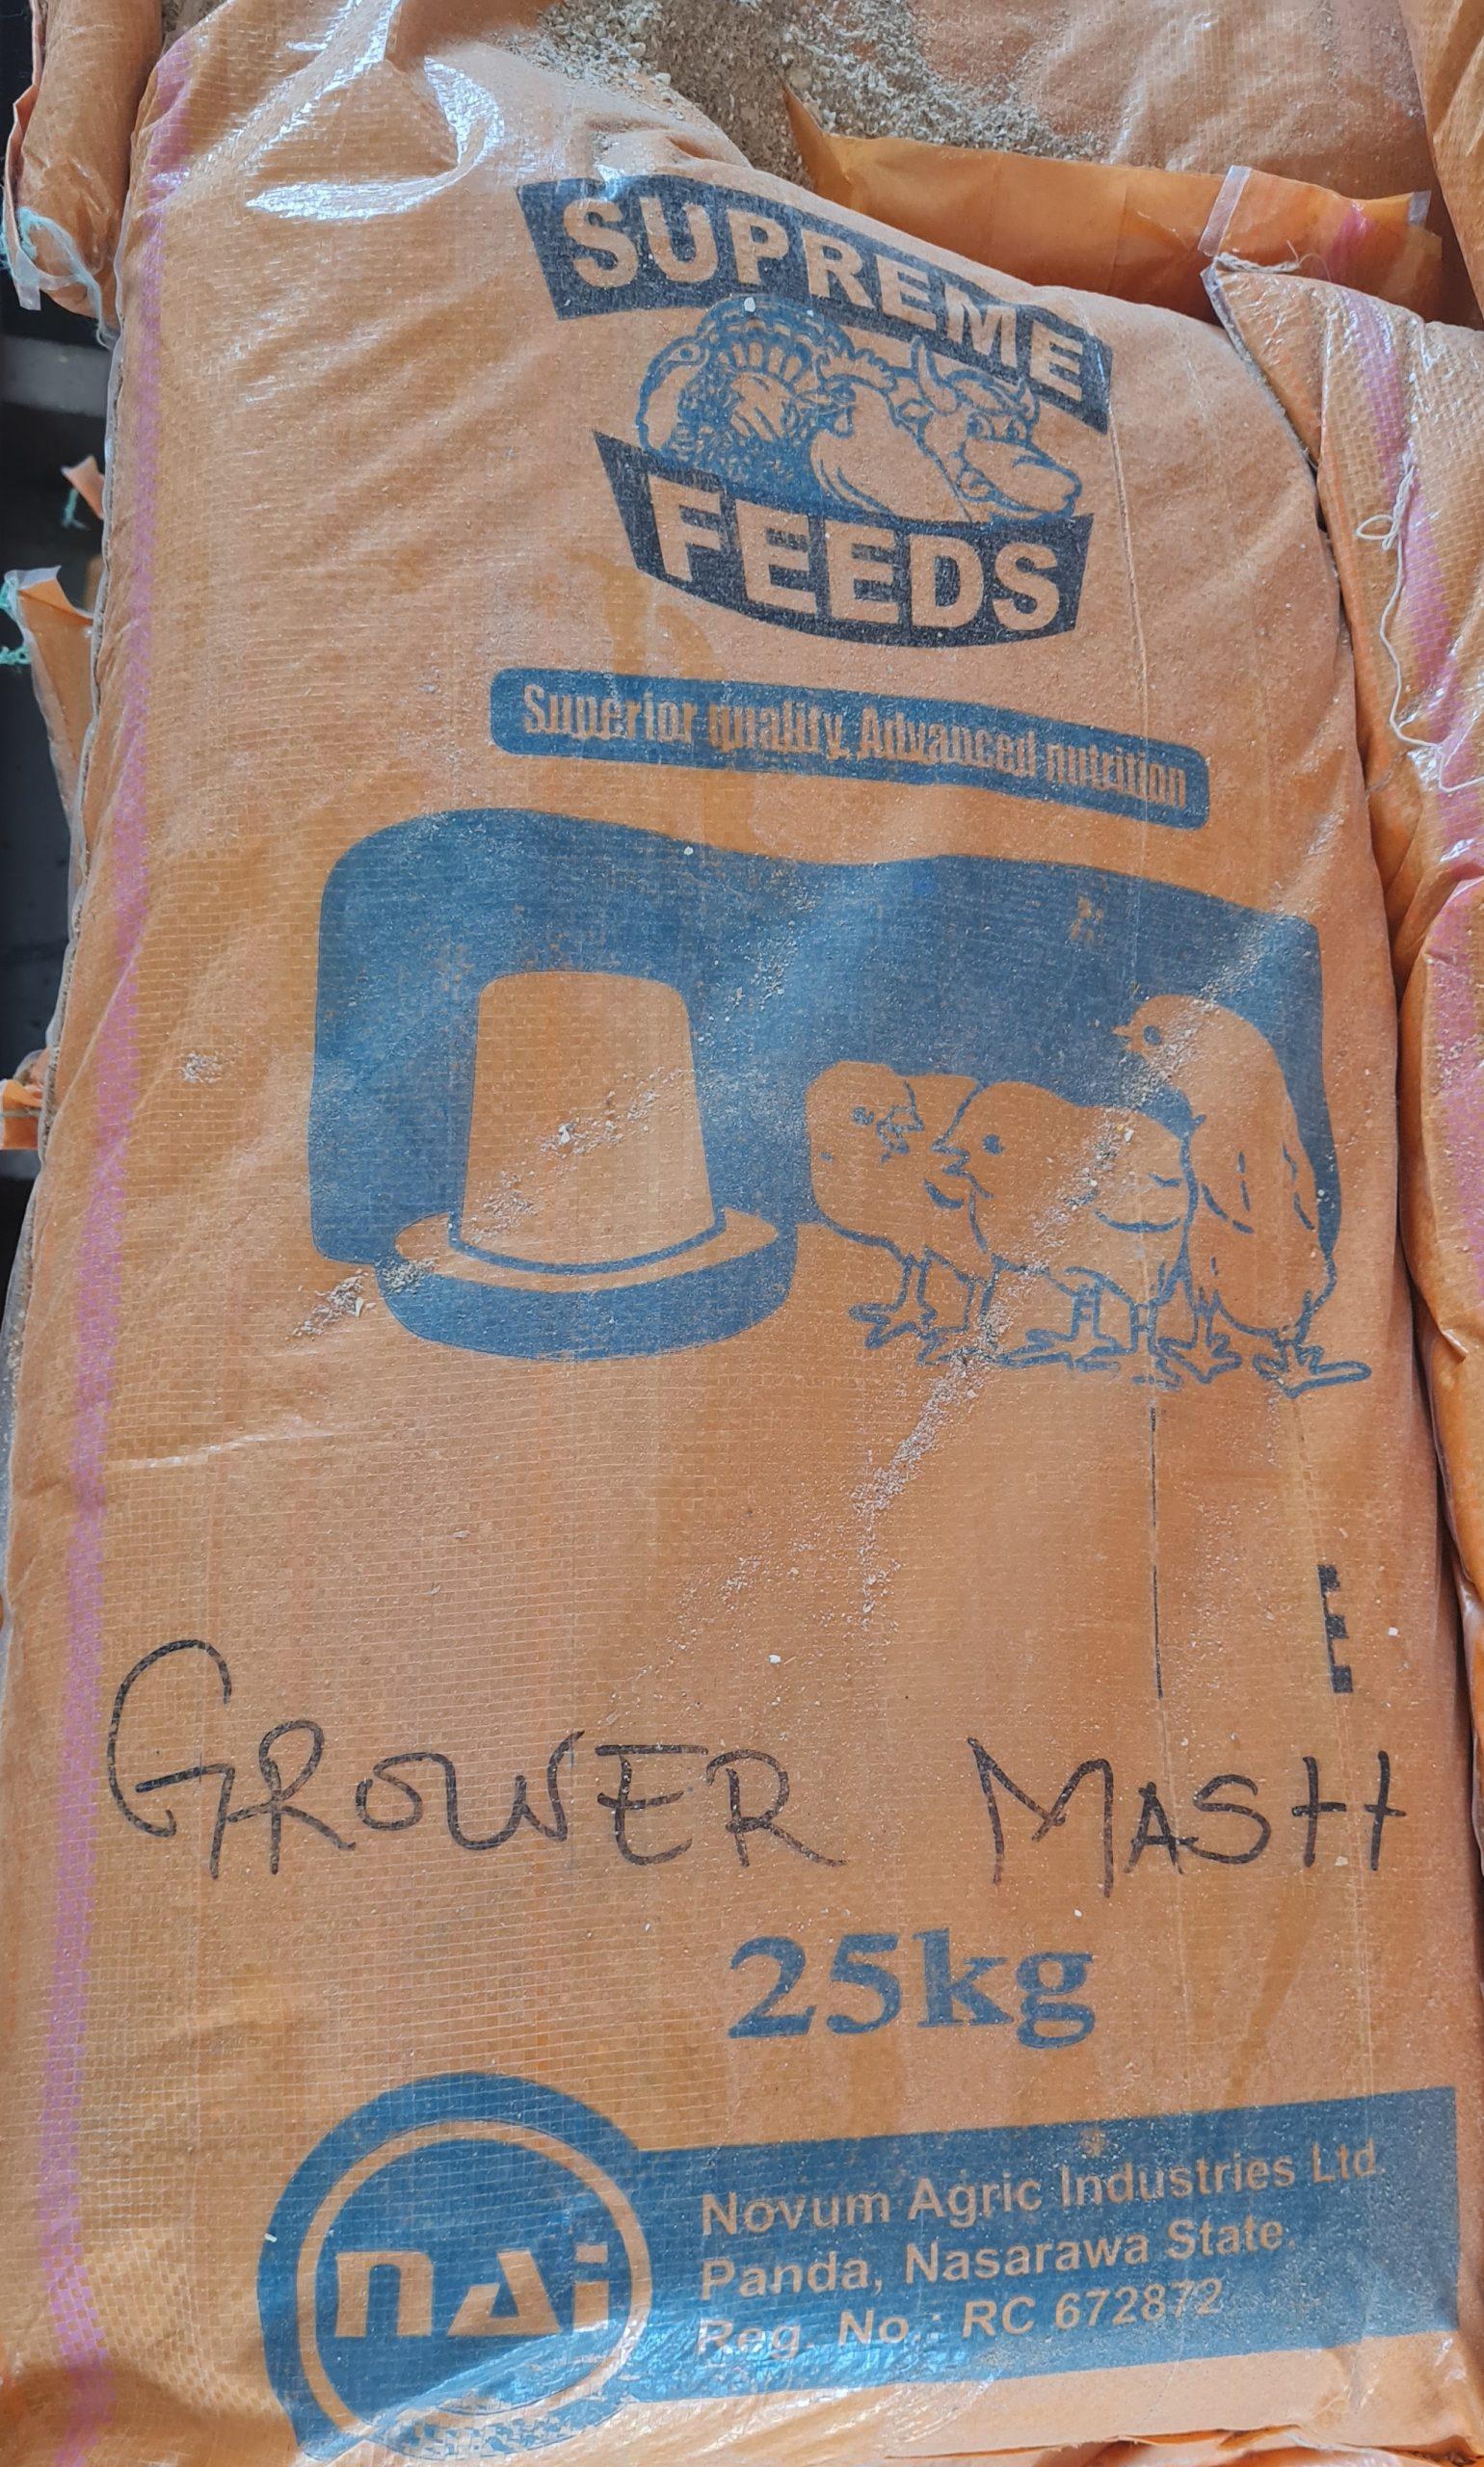 supreme feeds grower mash